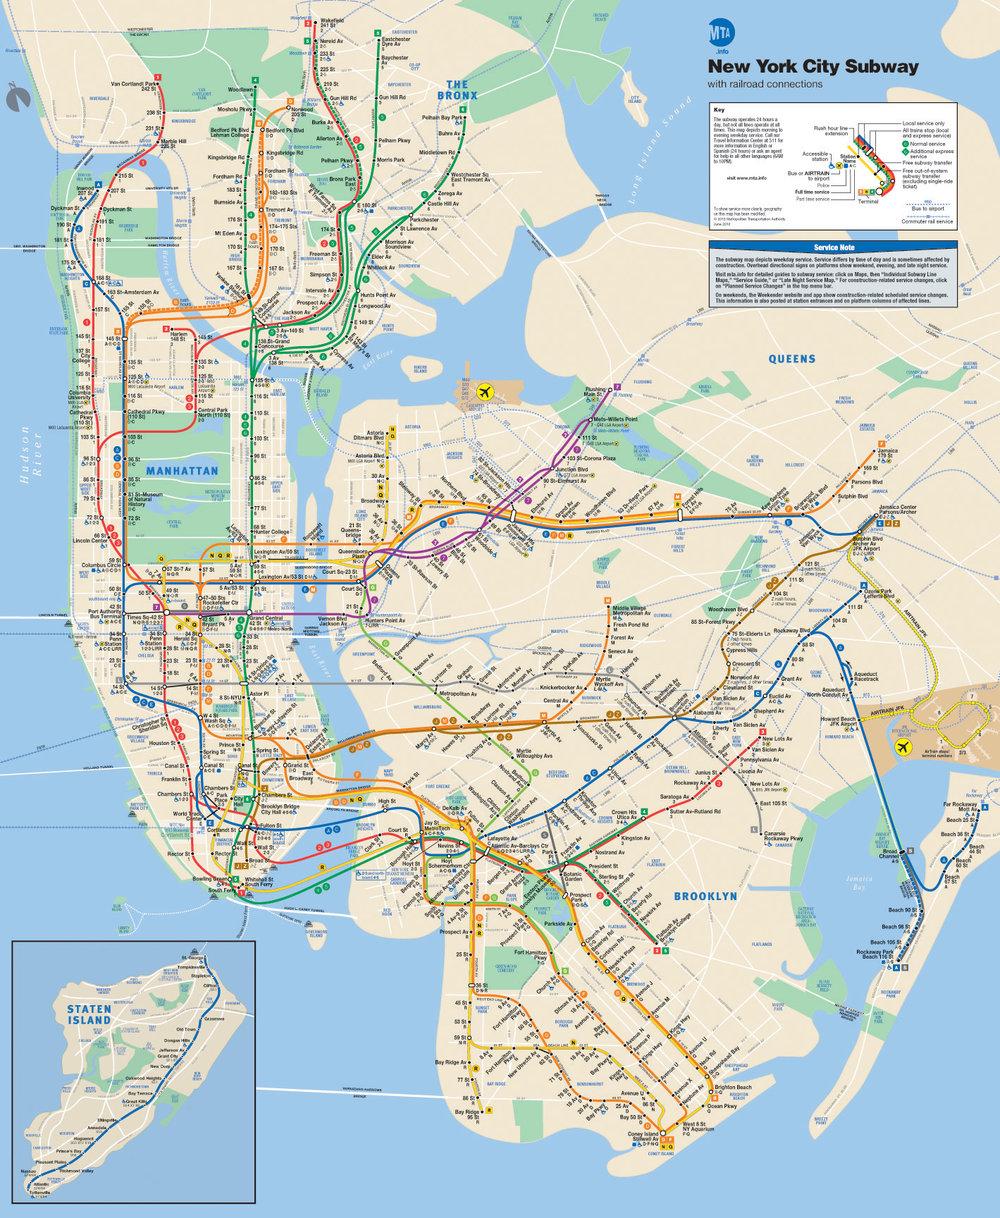 NYC Subway Map